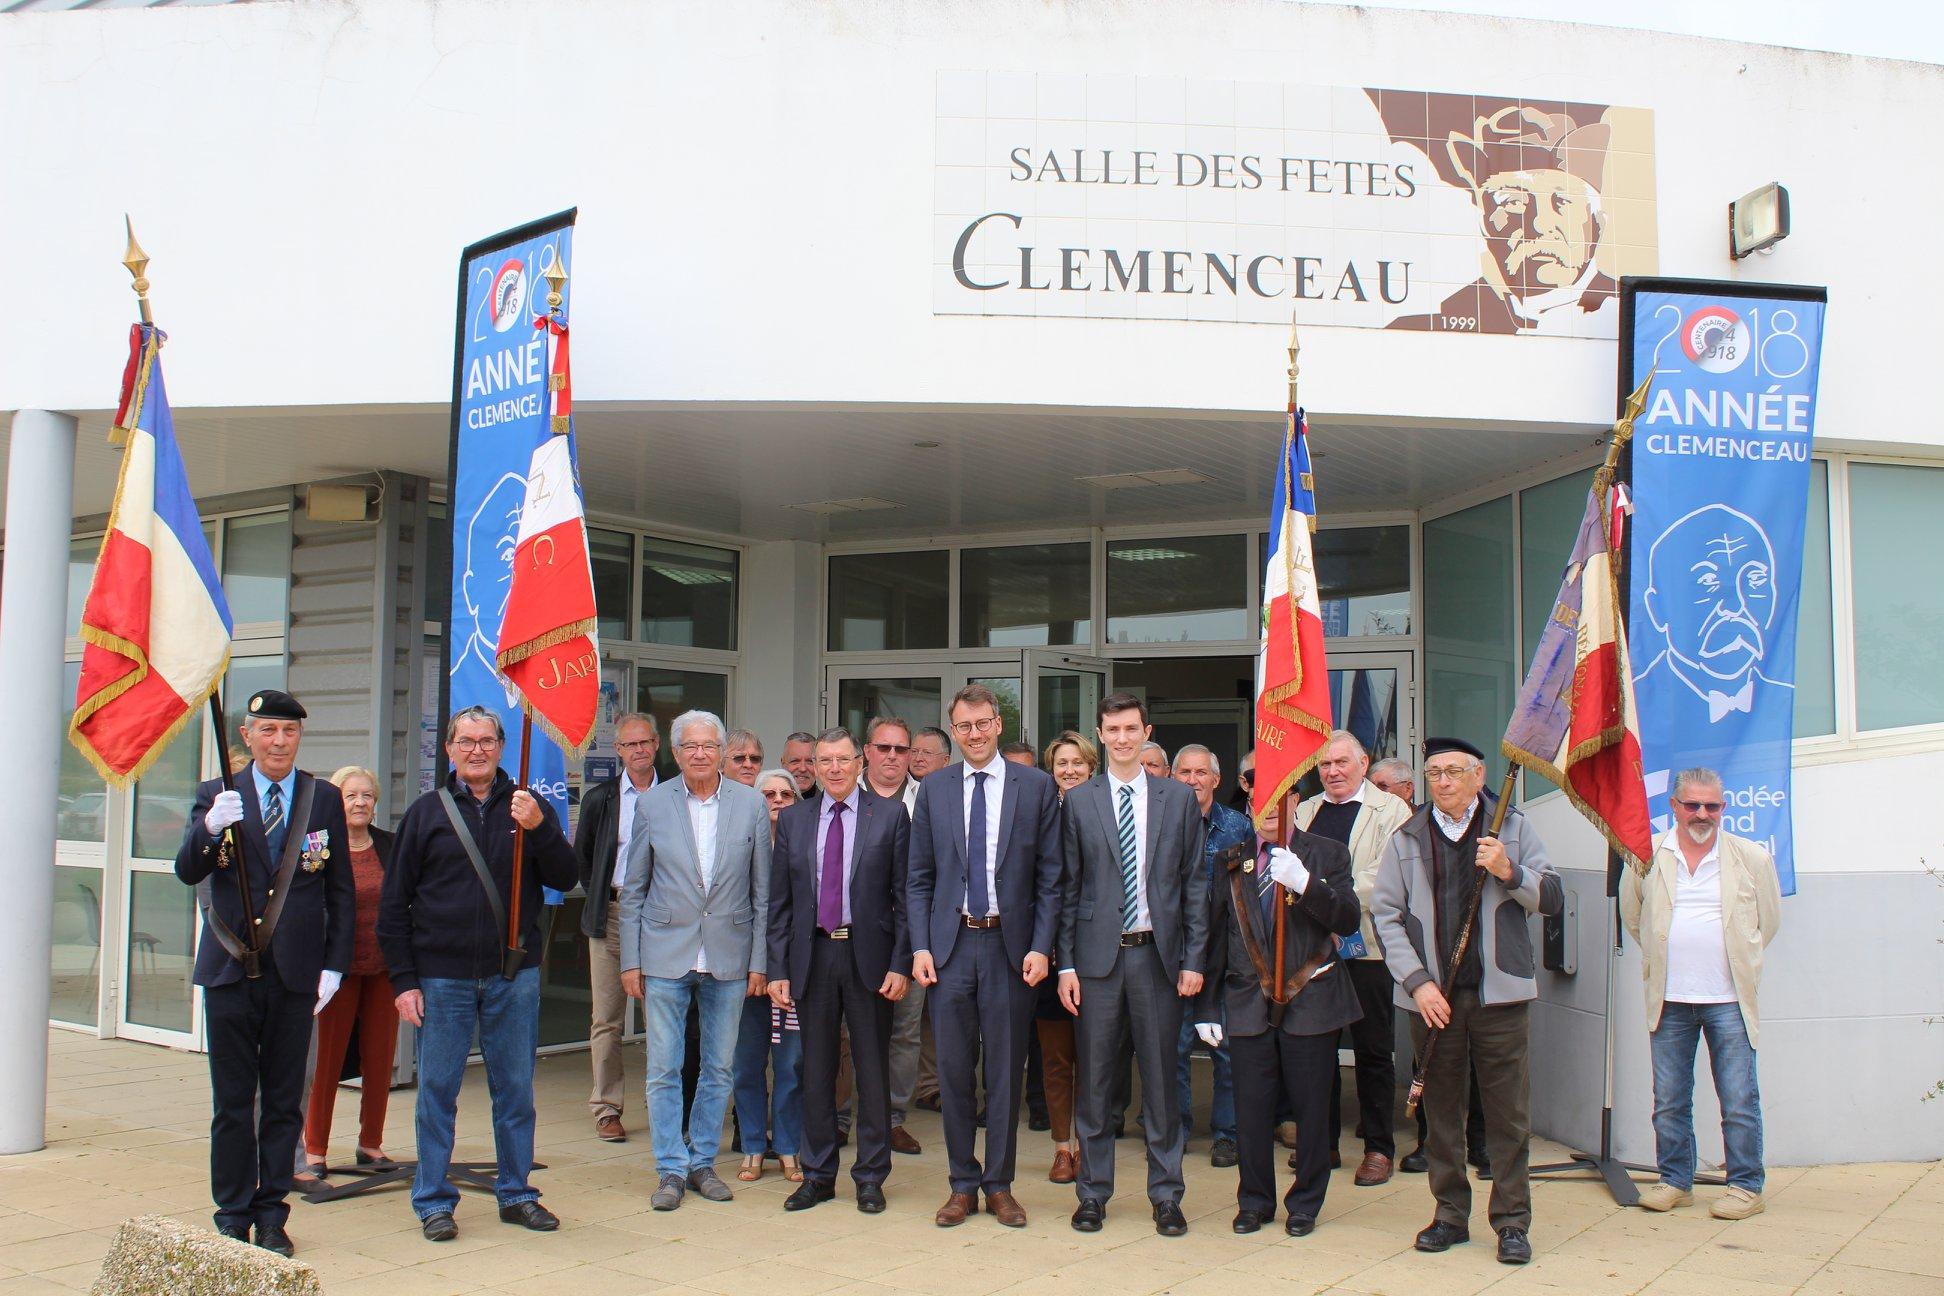 L'année Clemenceau: 70 animations proposées par Vendée Grand littoral